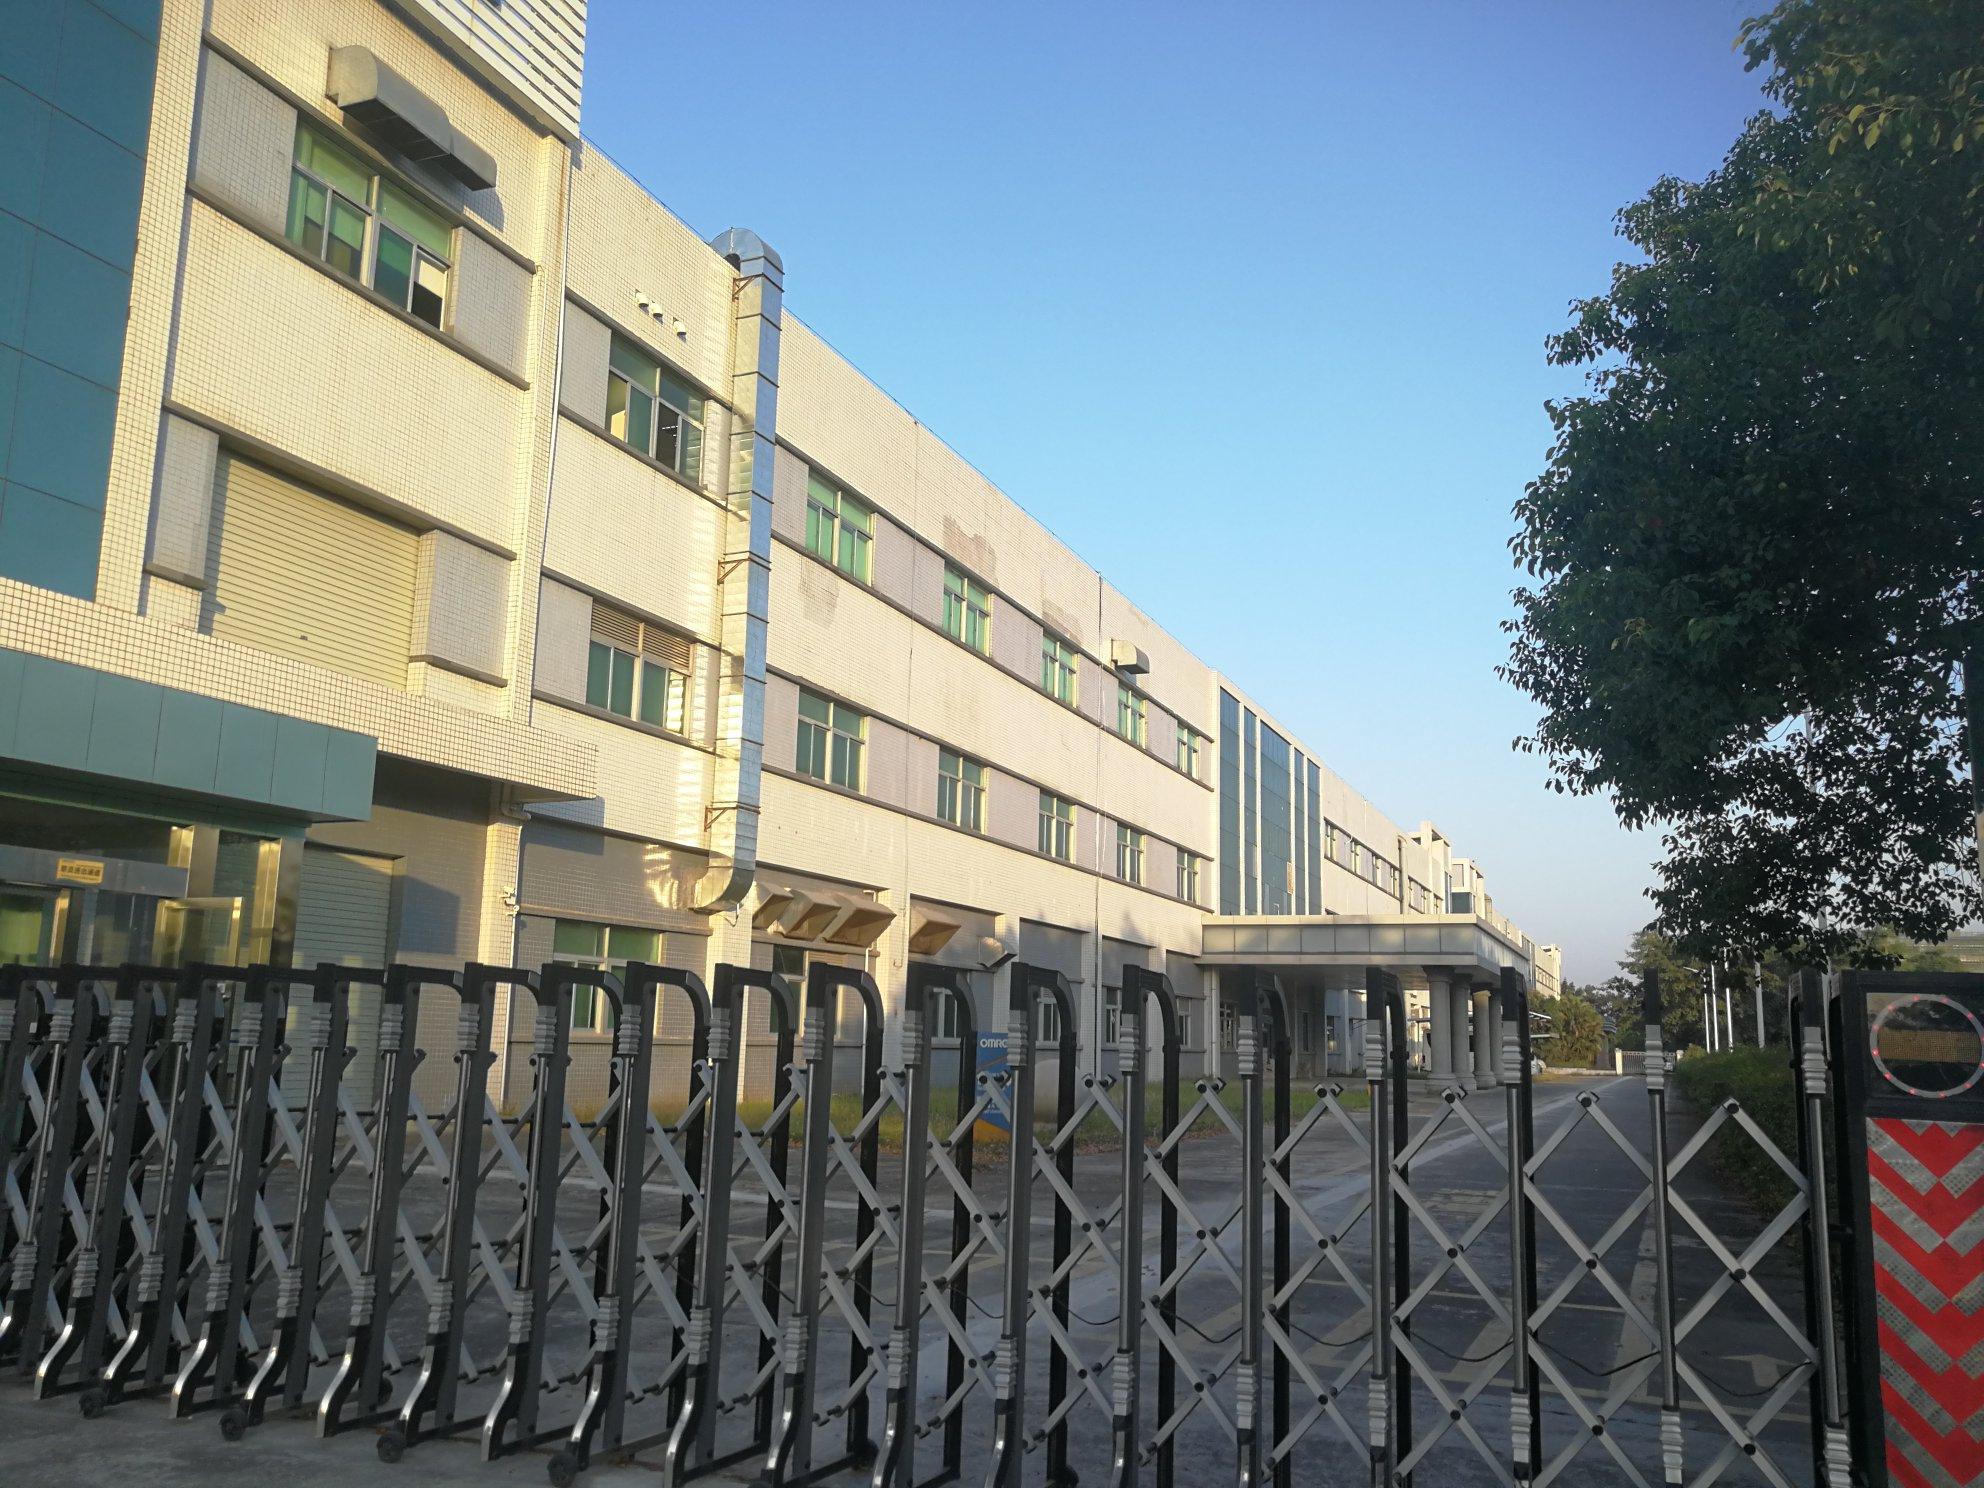 清溪高新产业园形象好三楼3500平方米厂房出租可分租适合口罩